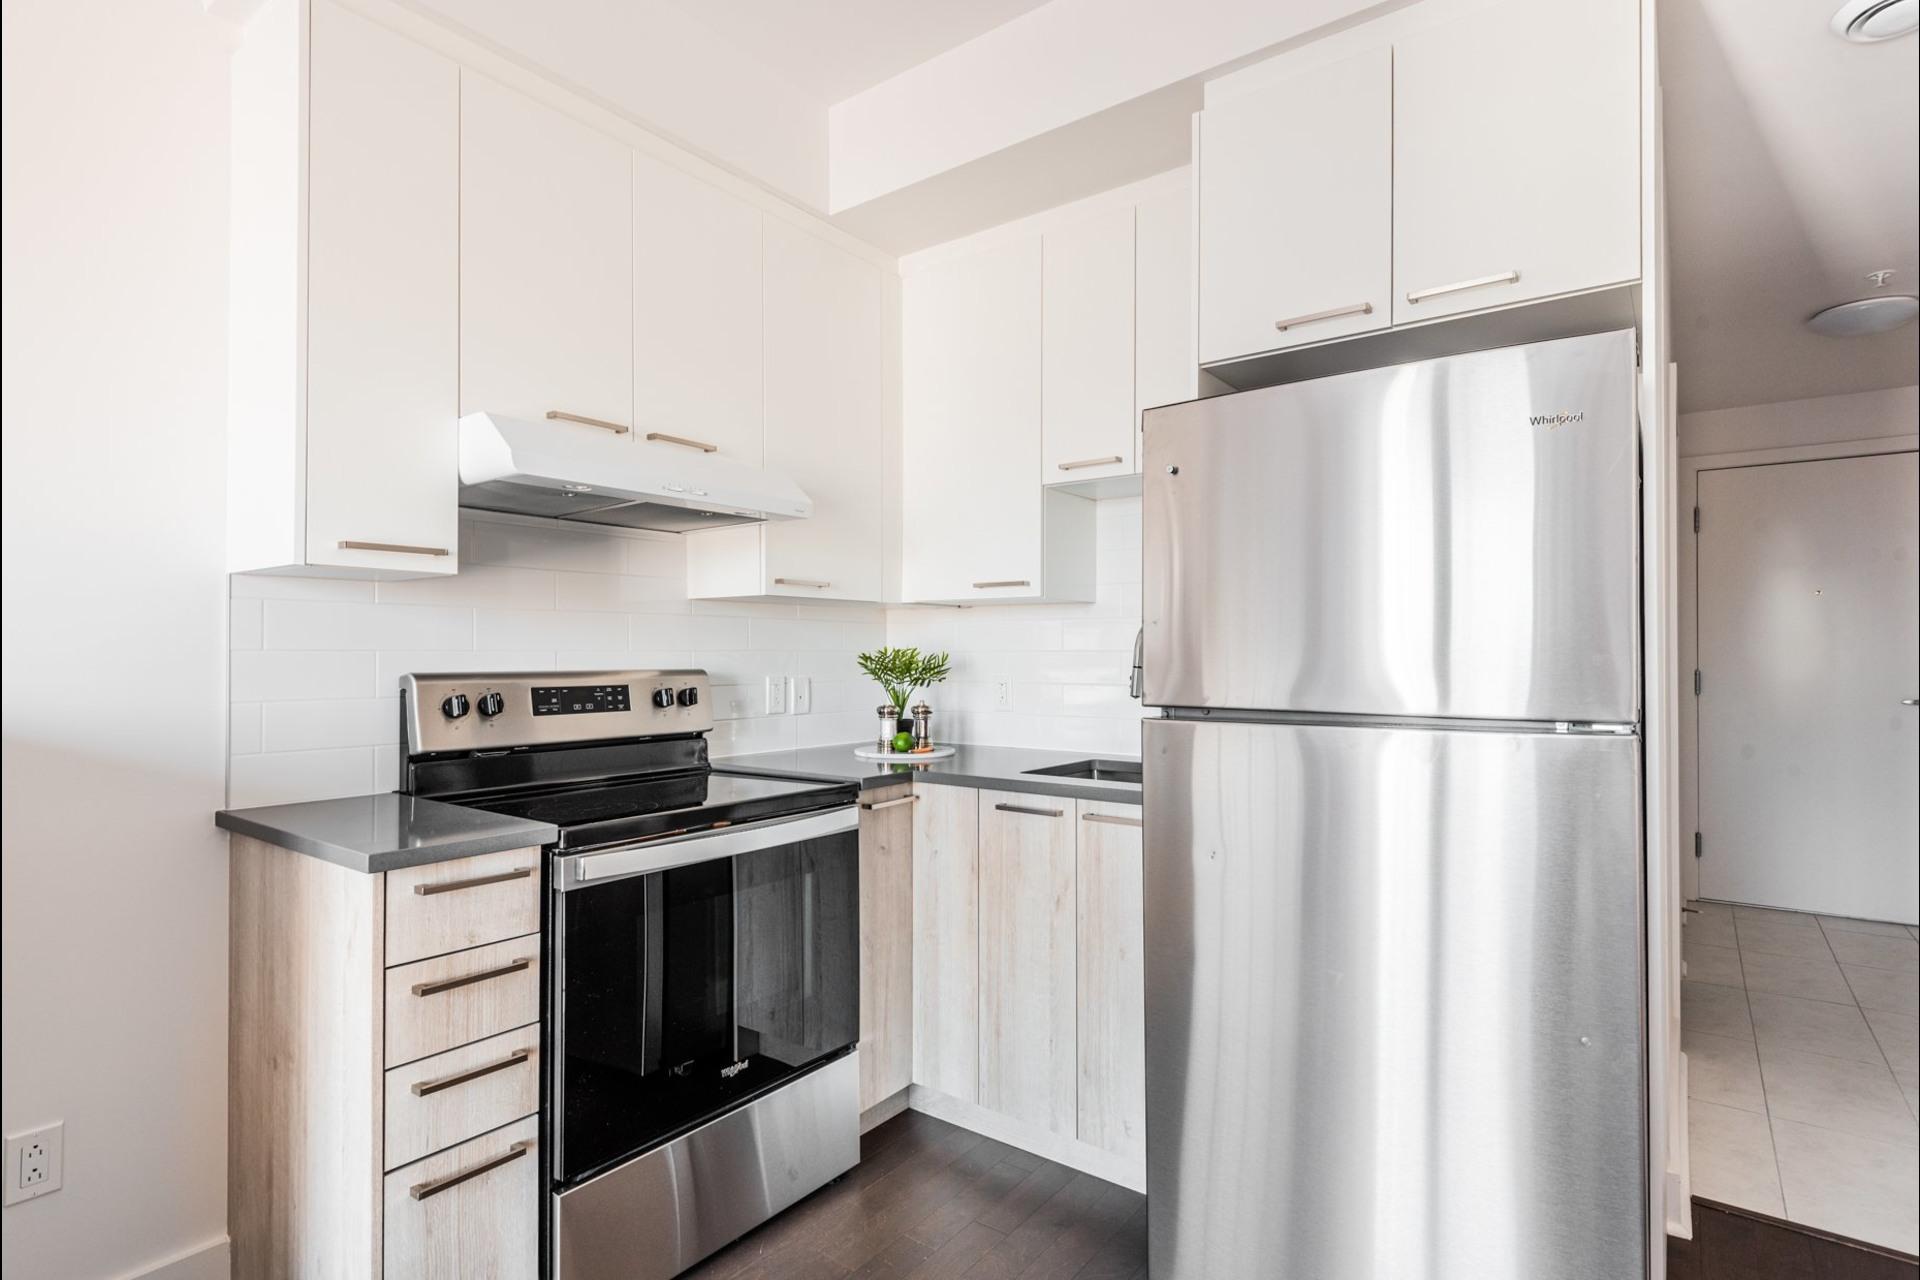 image 8 - Apartment For sale Villeray/Saint-Michel/Parc-Extension Montréal  - 3 rooms